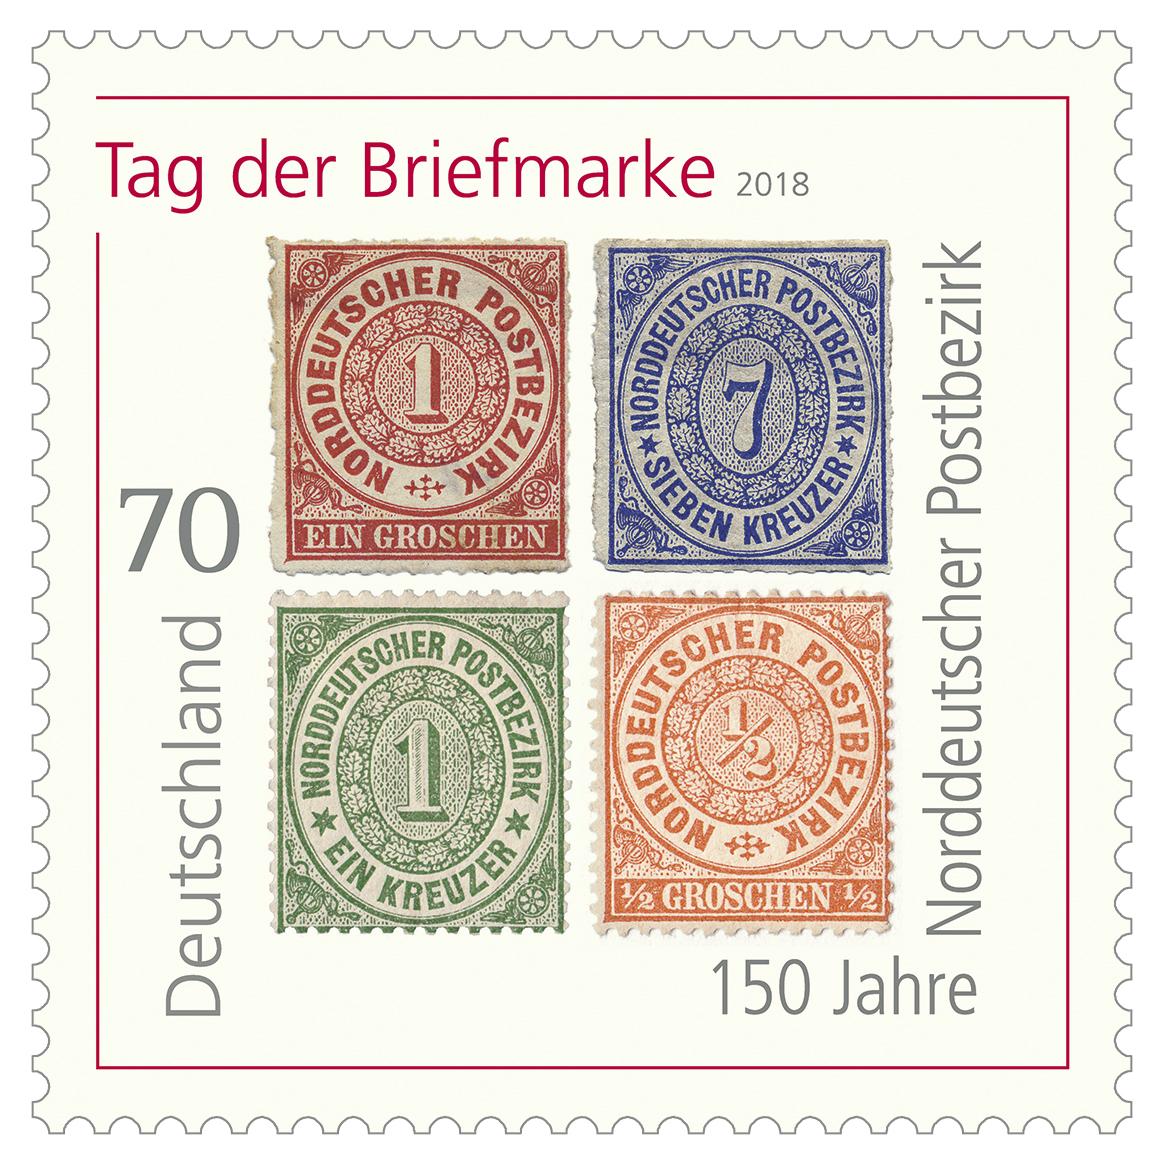 Bundesfinanzministerium Serie Tag Der Briefmarke 150 Jahre